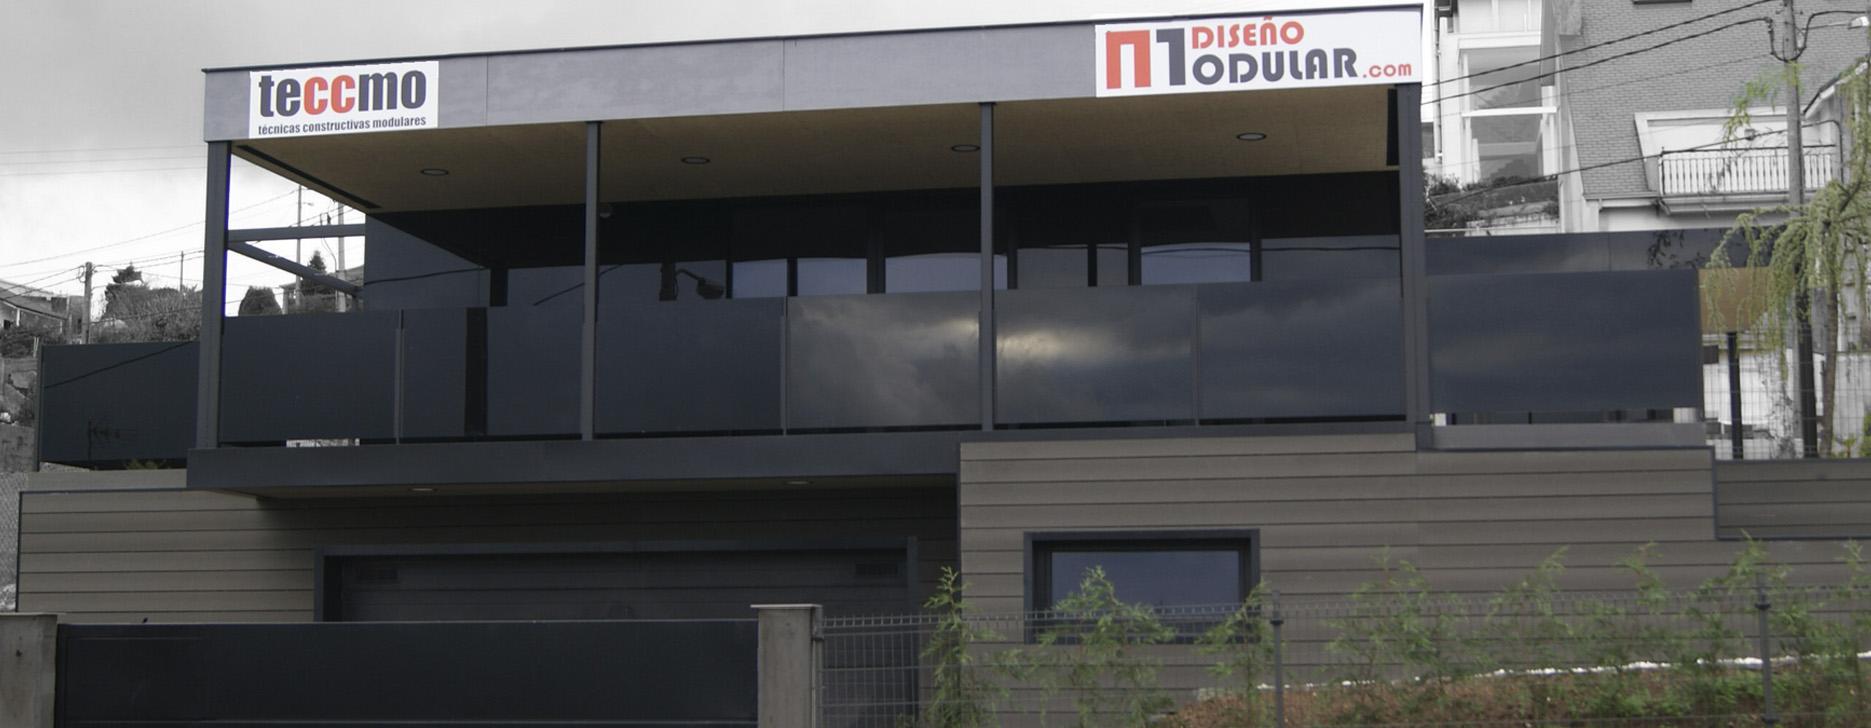 Diseño Modular.Casas Modulares de diseño